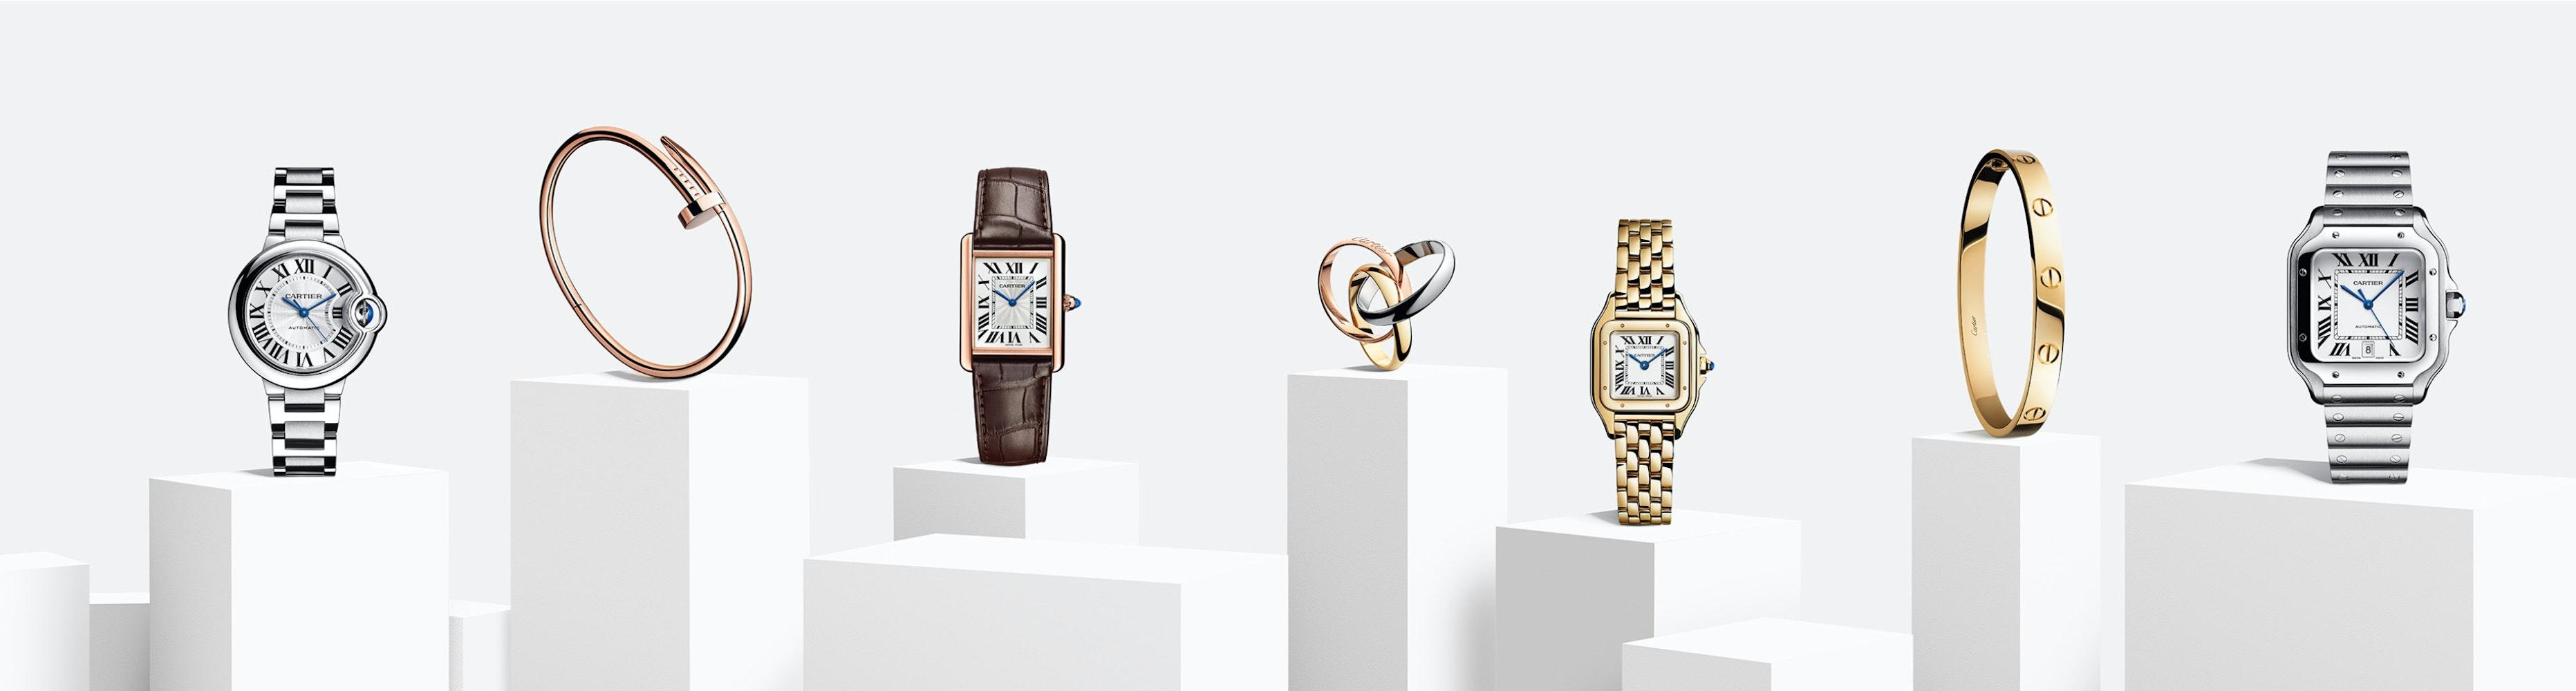 Cartier showreel